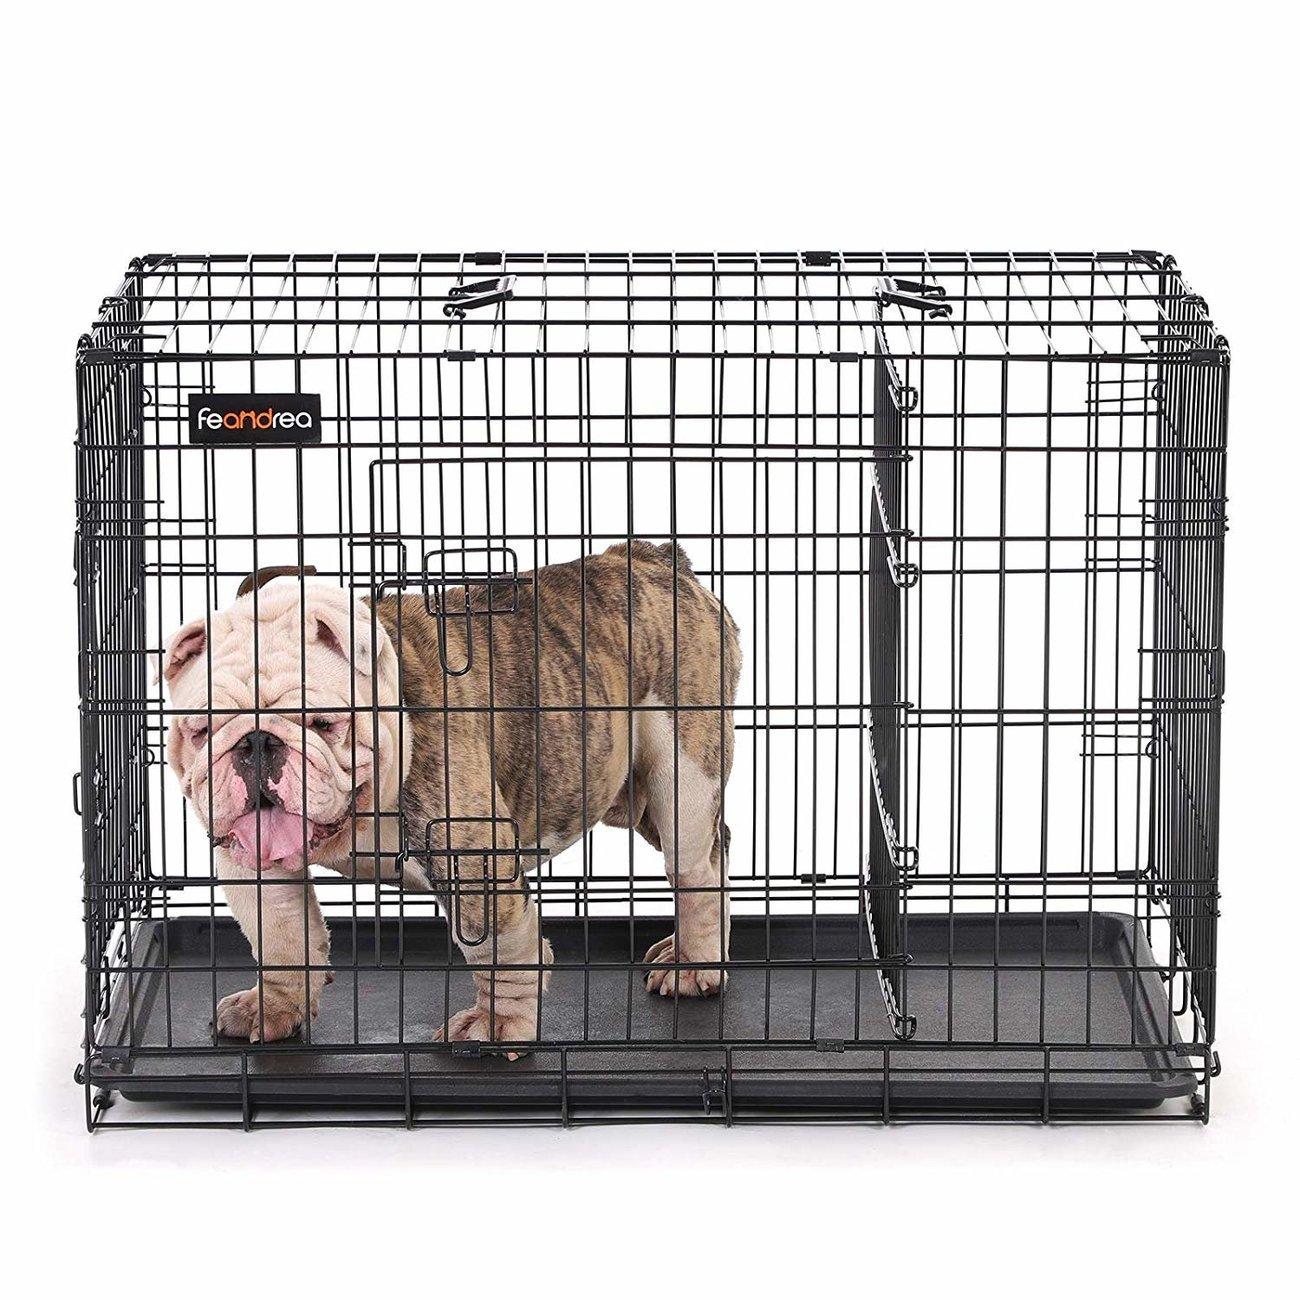 FEANDREA Hundekäfig, Hundebox mit Trennwand, 2 Türen, Bild 6